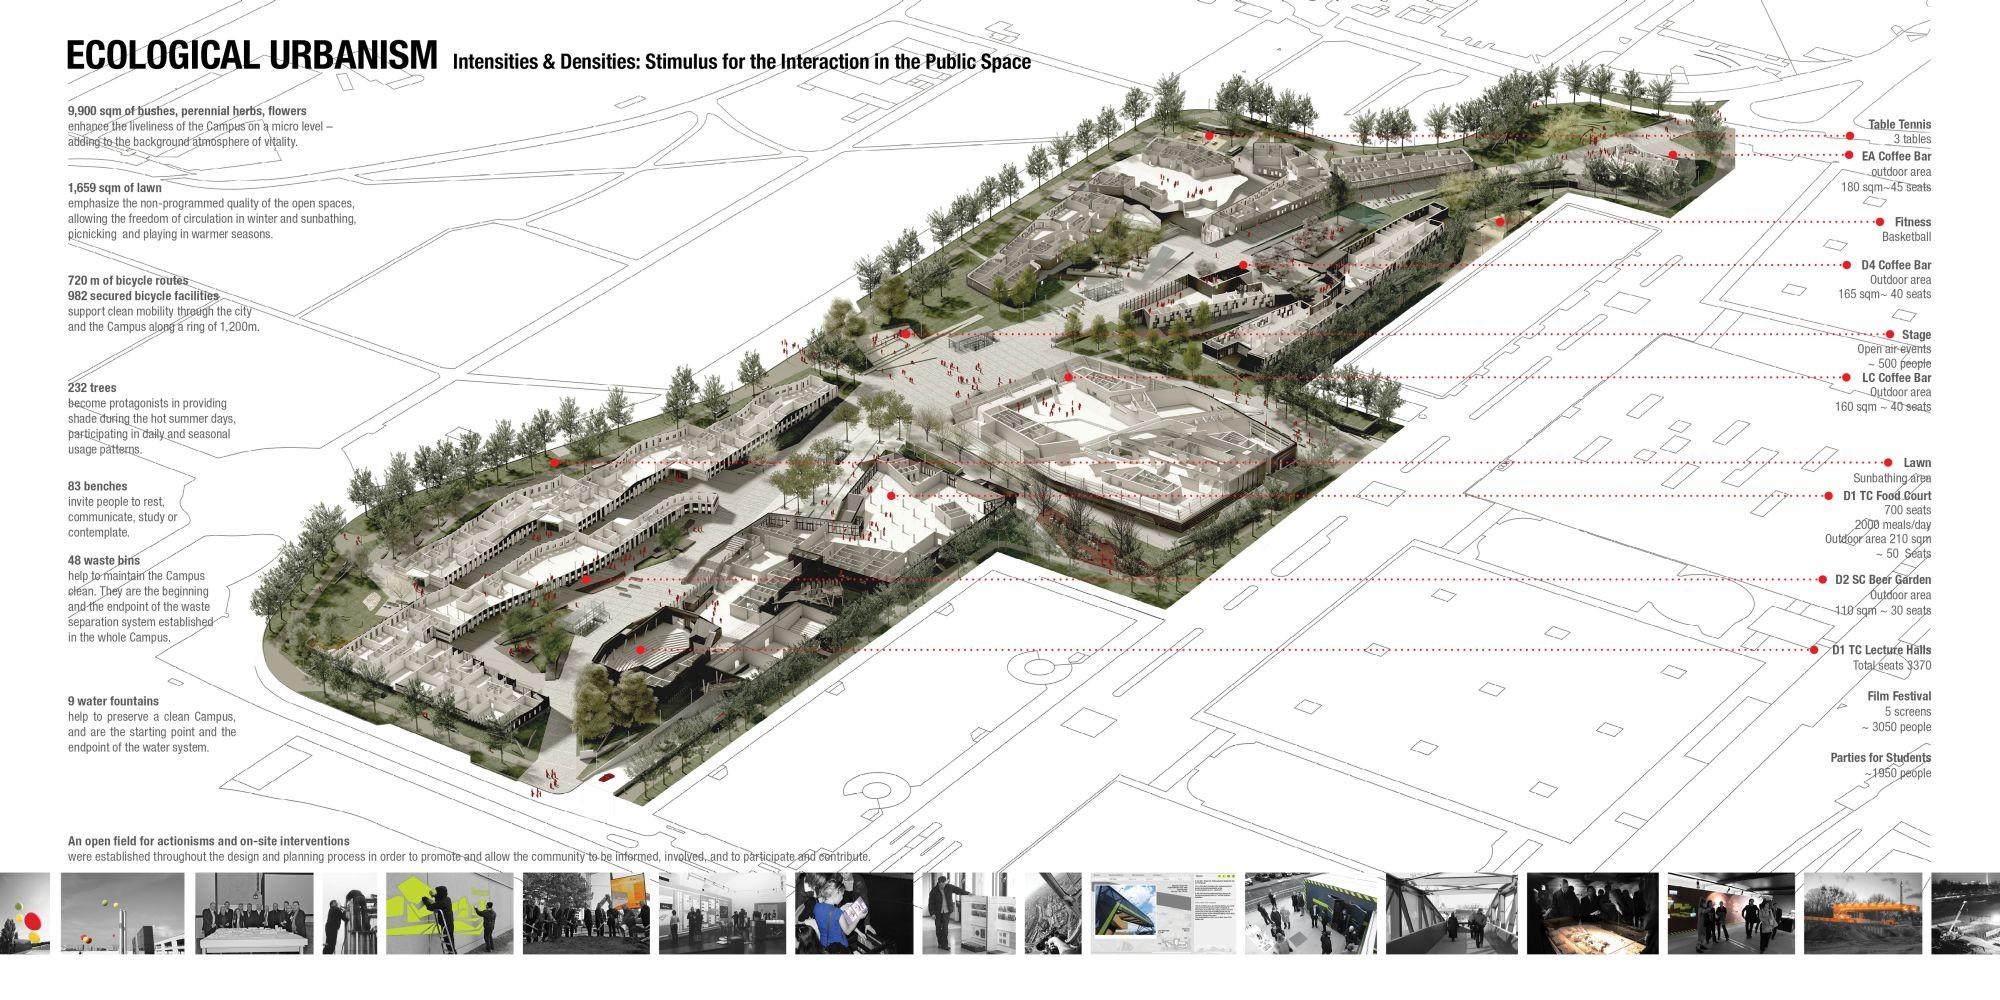 Senior Housing Floor Plans Wu Campus Masterplan Busarchitektur Archdaily